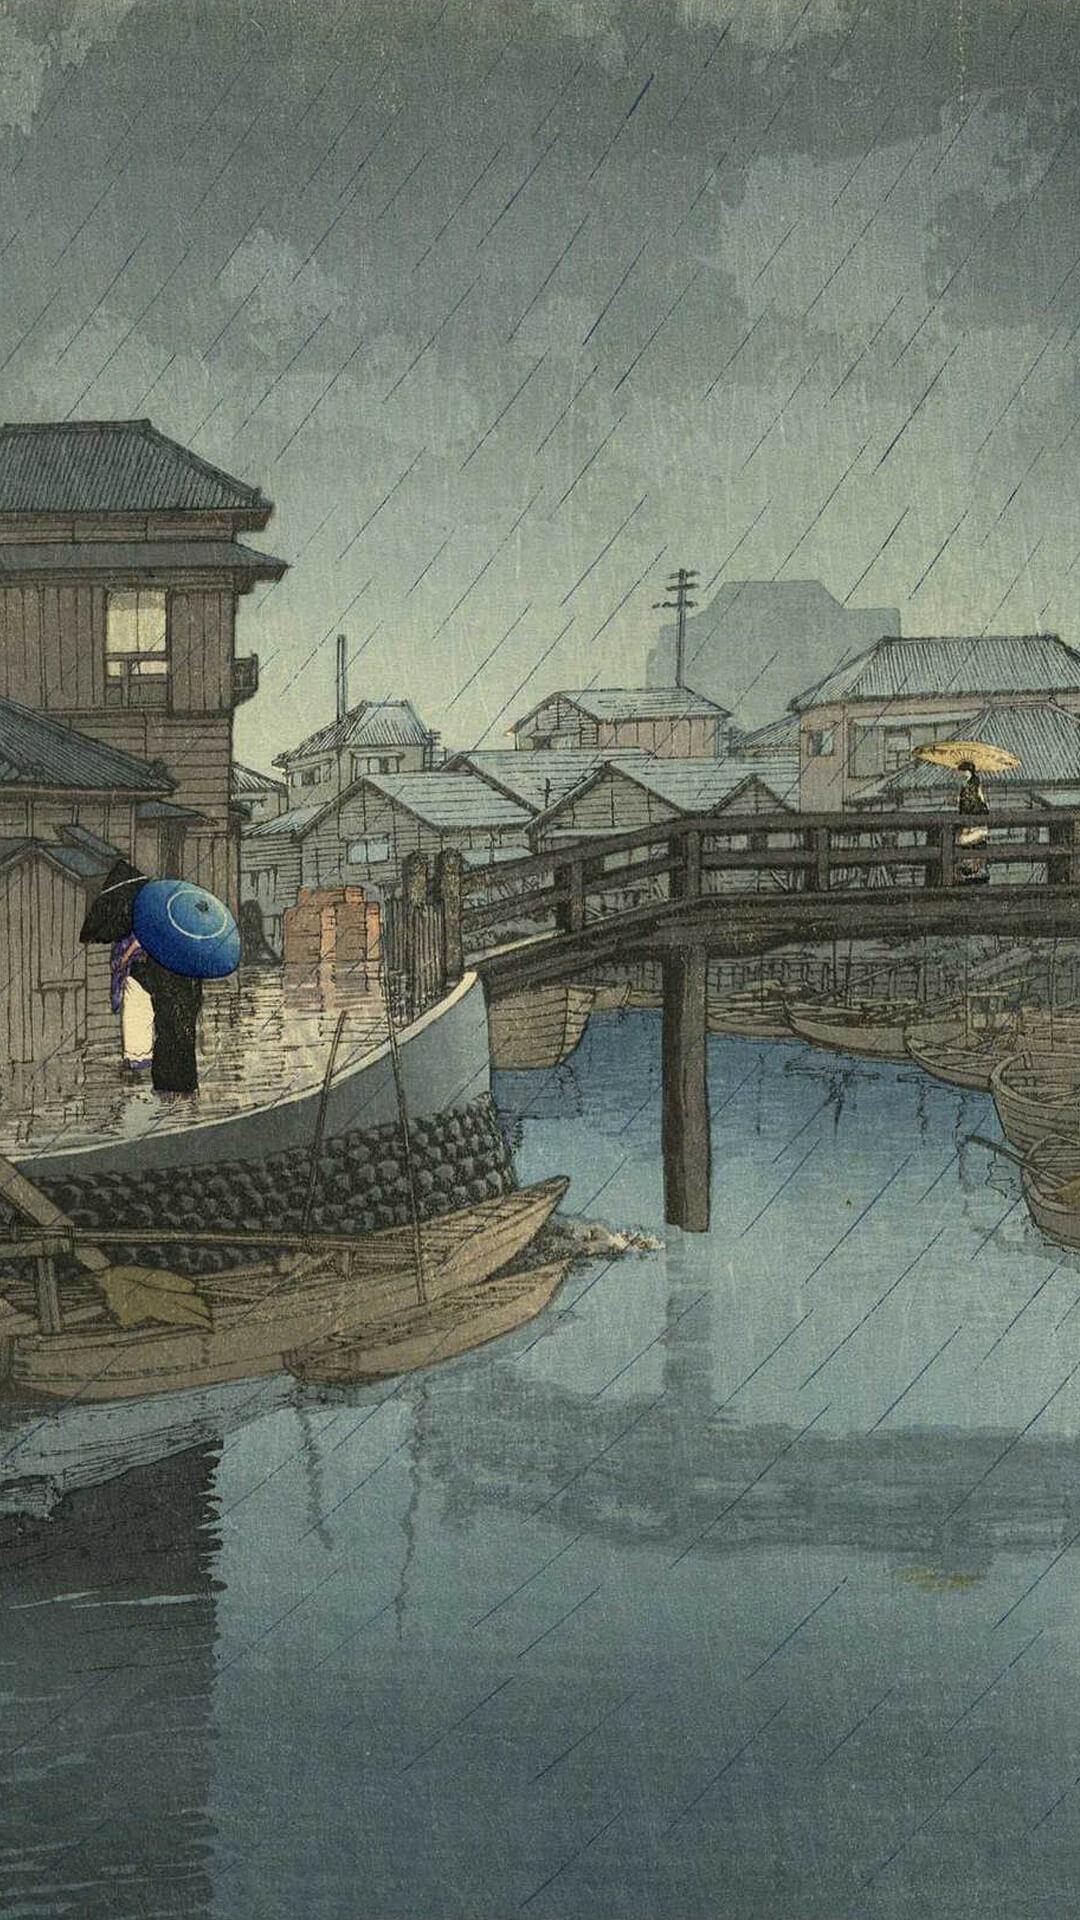 川瀬巴水 kawase hasui / 東海道風景選集 品川